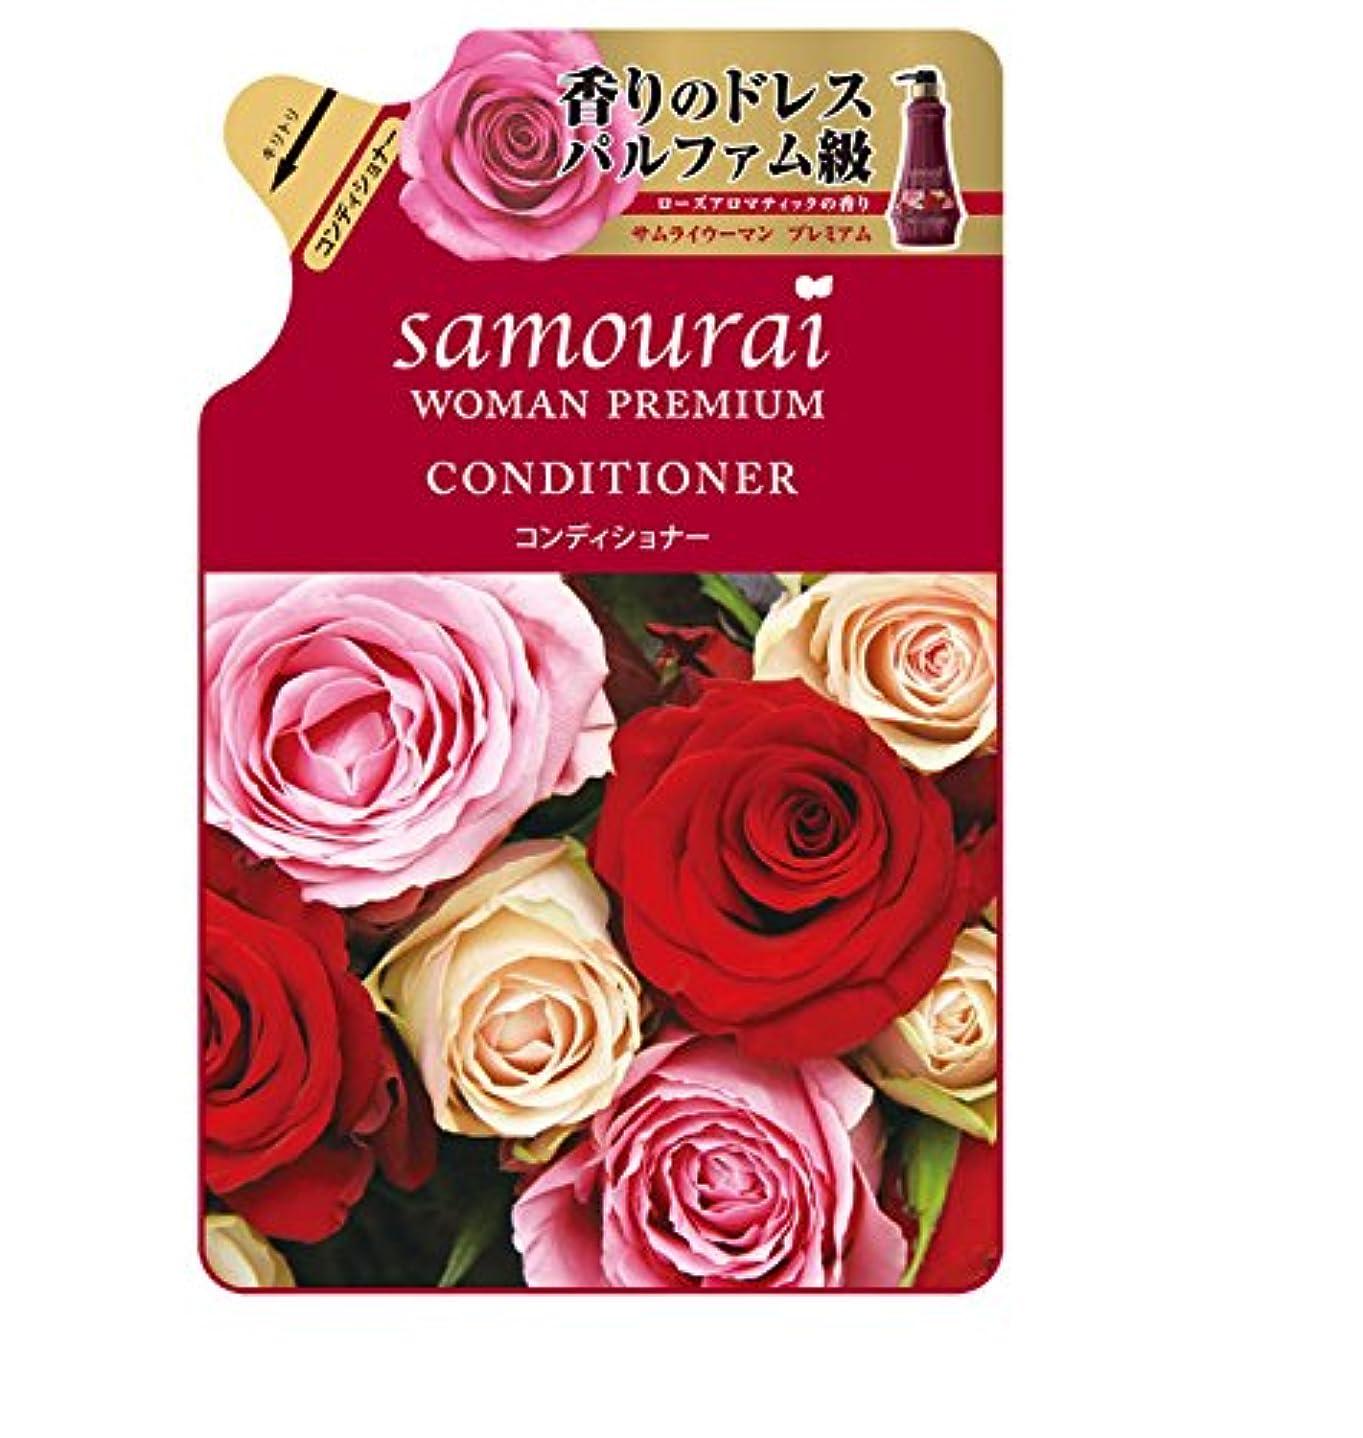 ジェスチャーエゴマニア橋脚Samourai woman(サムライウーマン) サムライウーマン プレミアム コンディショナー つめかえ用 370mL